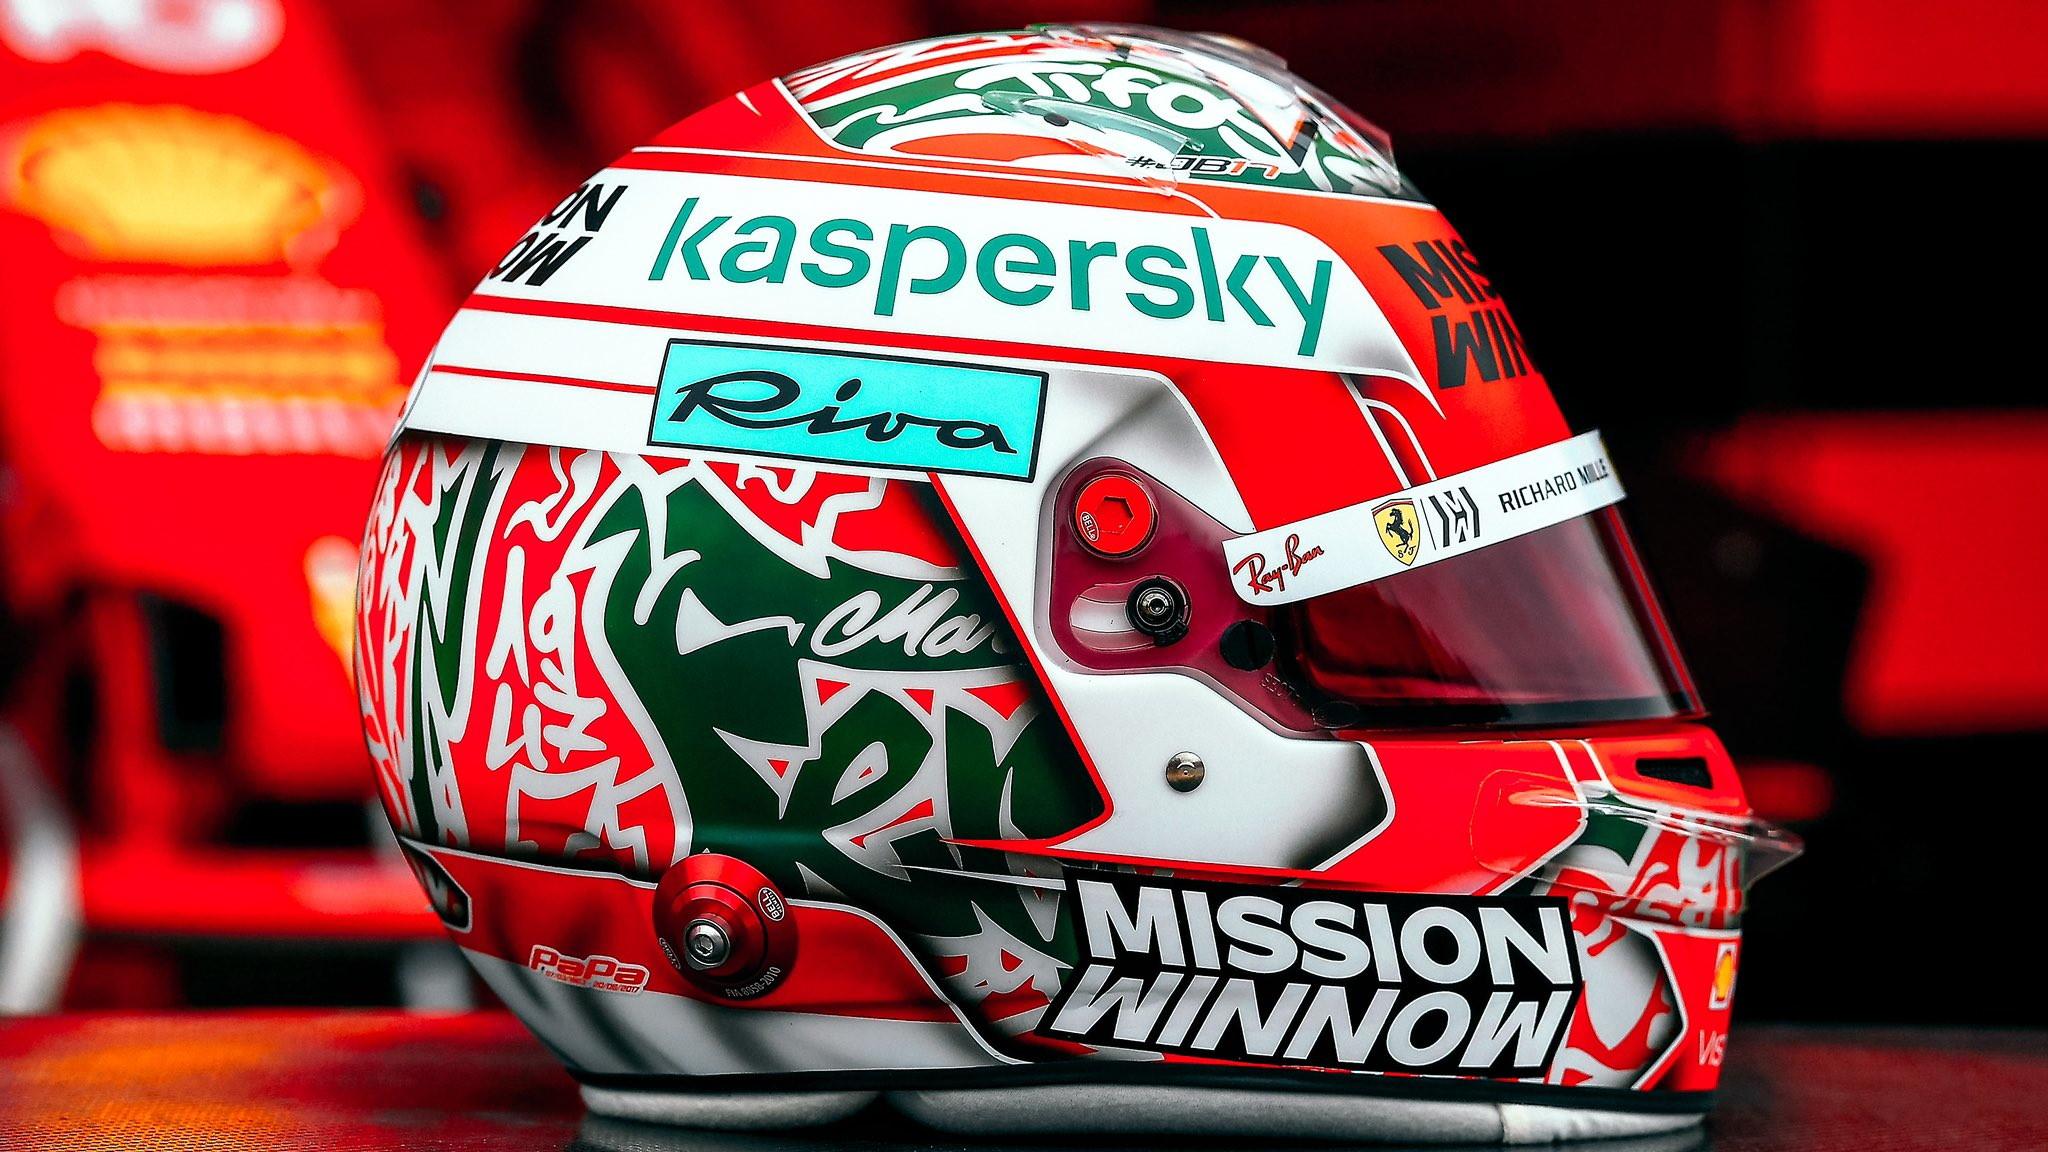 Casco tricolore per Charles Leclerc in occasione del GP di Imola. Su twitter il pilota Ferrari ha spiegato la sua scelta: &quot;Omaggio ai tifosi italiani che ci accolgono sempre bene&quot;.<br /><br />